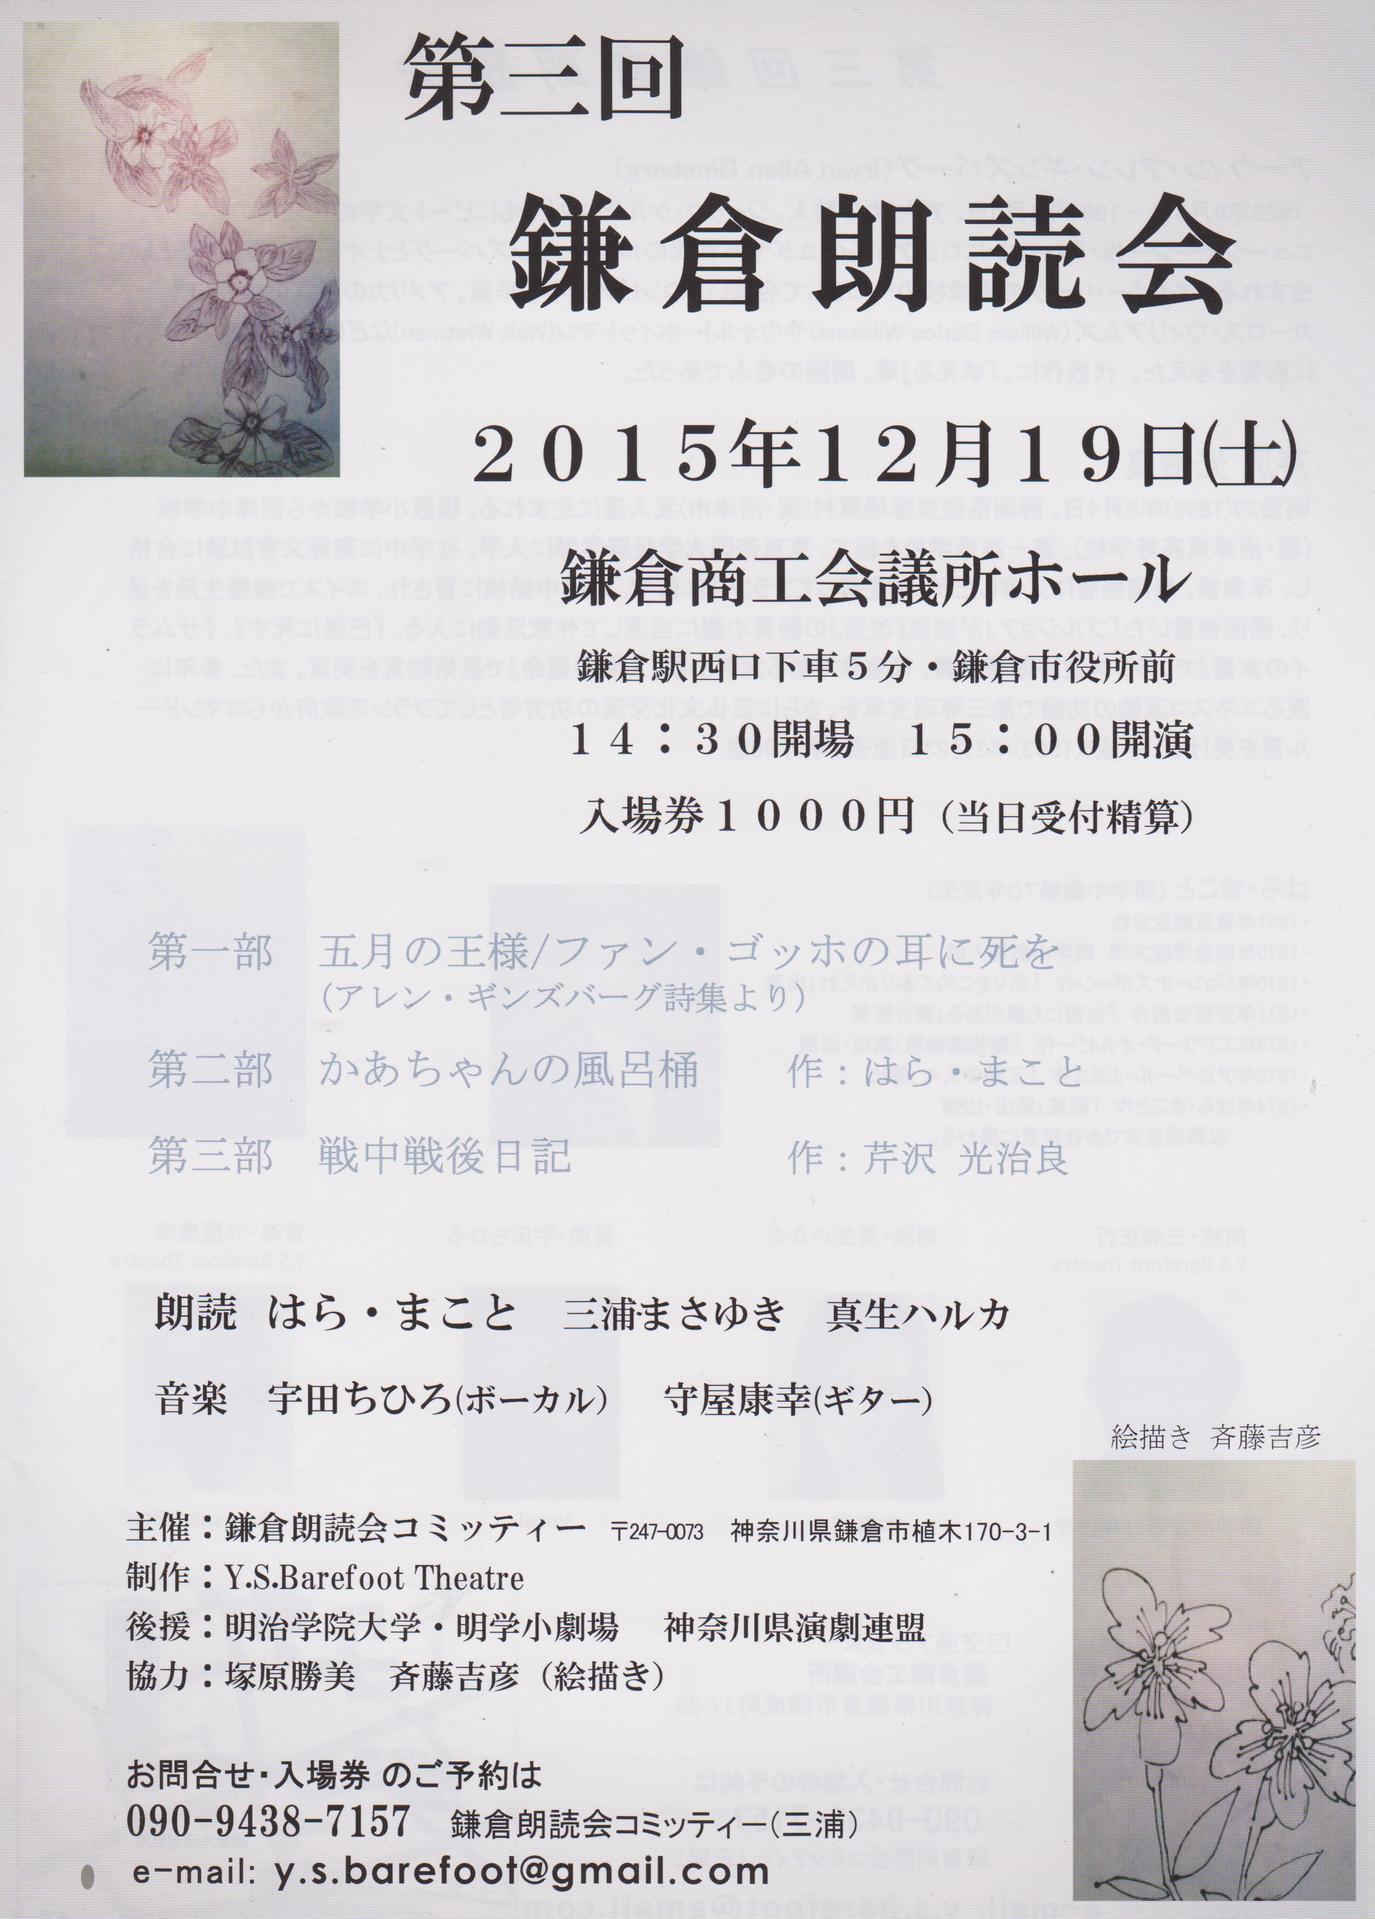 第3回 鎌倉朗読会  12月19日(土) ●ご来場、お待ち申しております